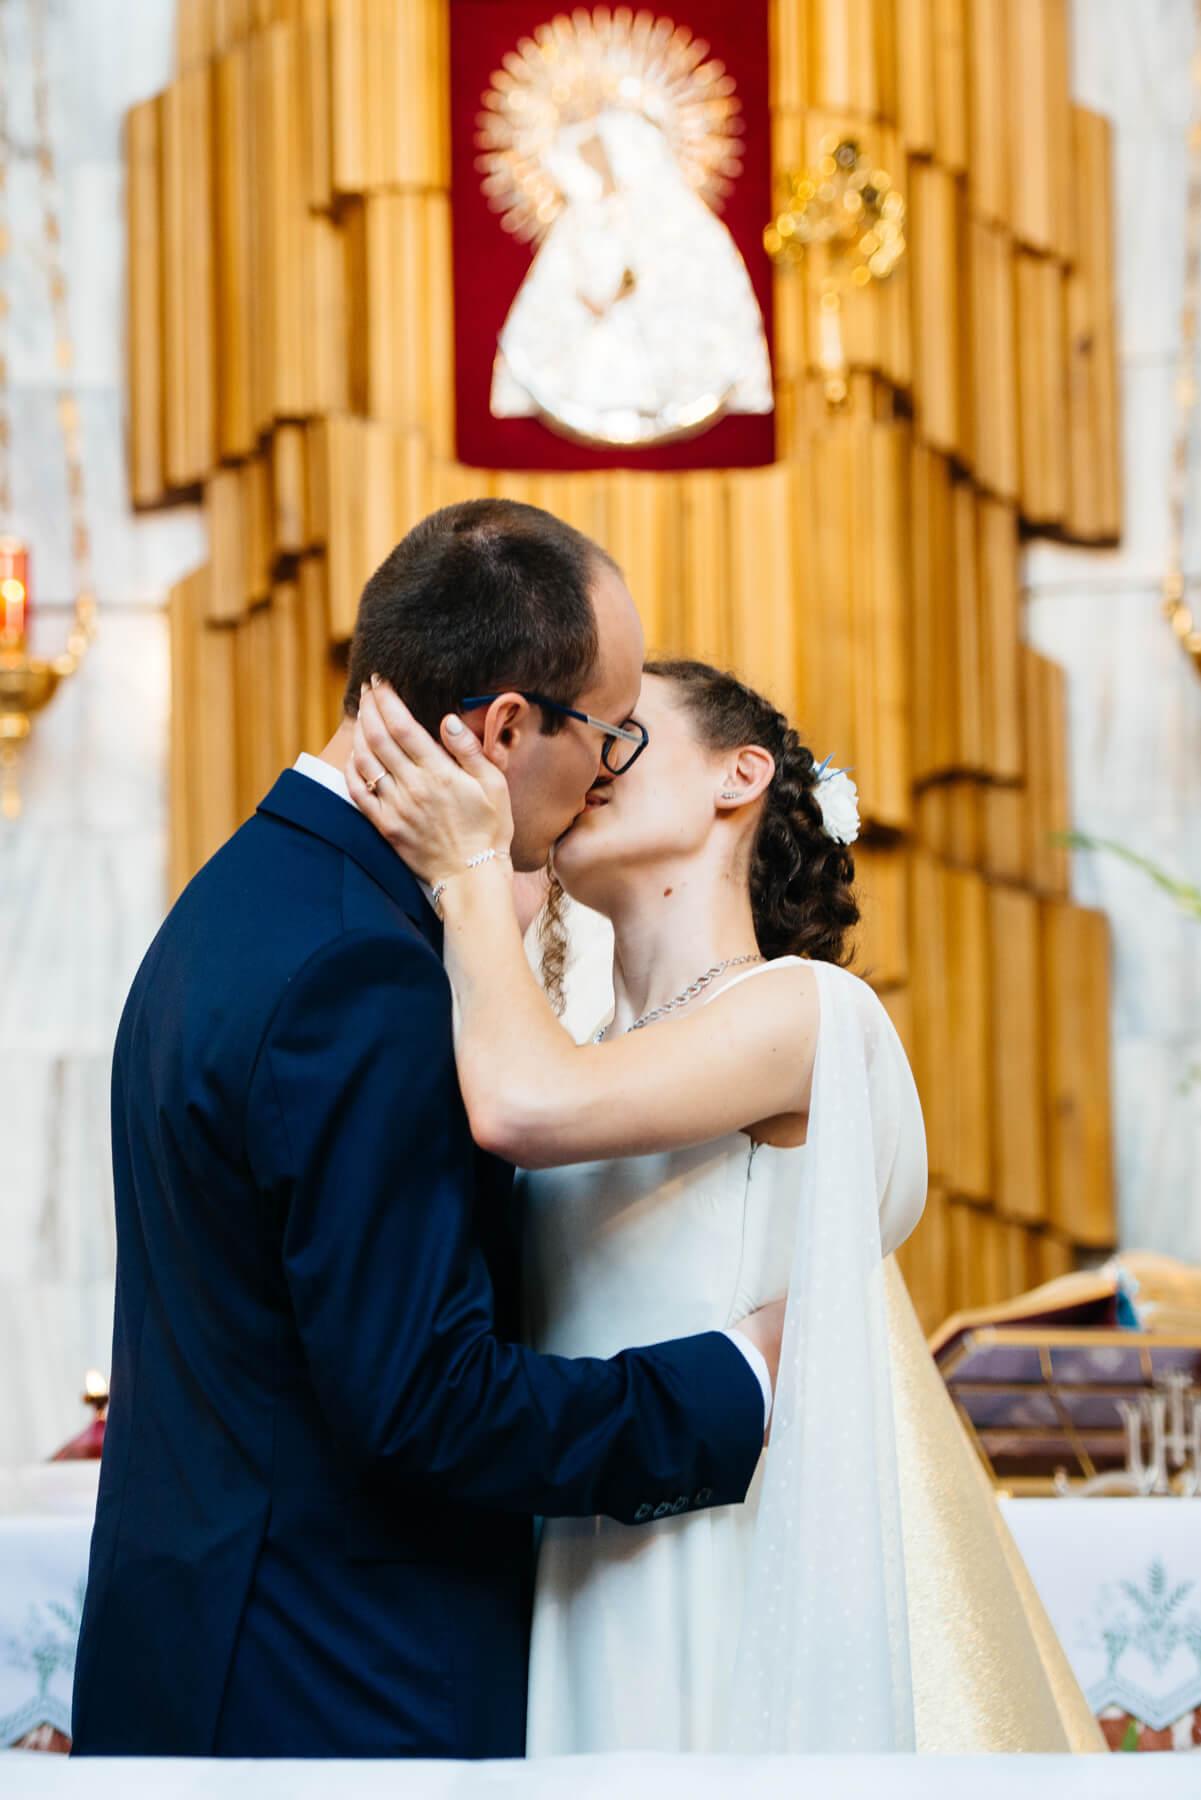 Ślub w Komorowie-Kościół w Komorowie-Fotografia ślubna Komorów-Fotograf ślubny Warszawa